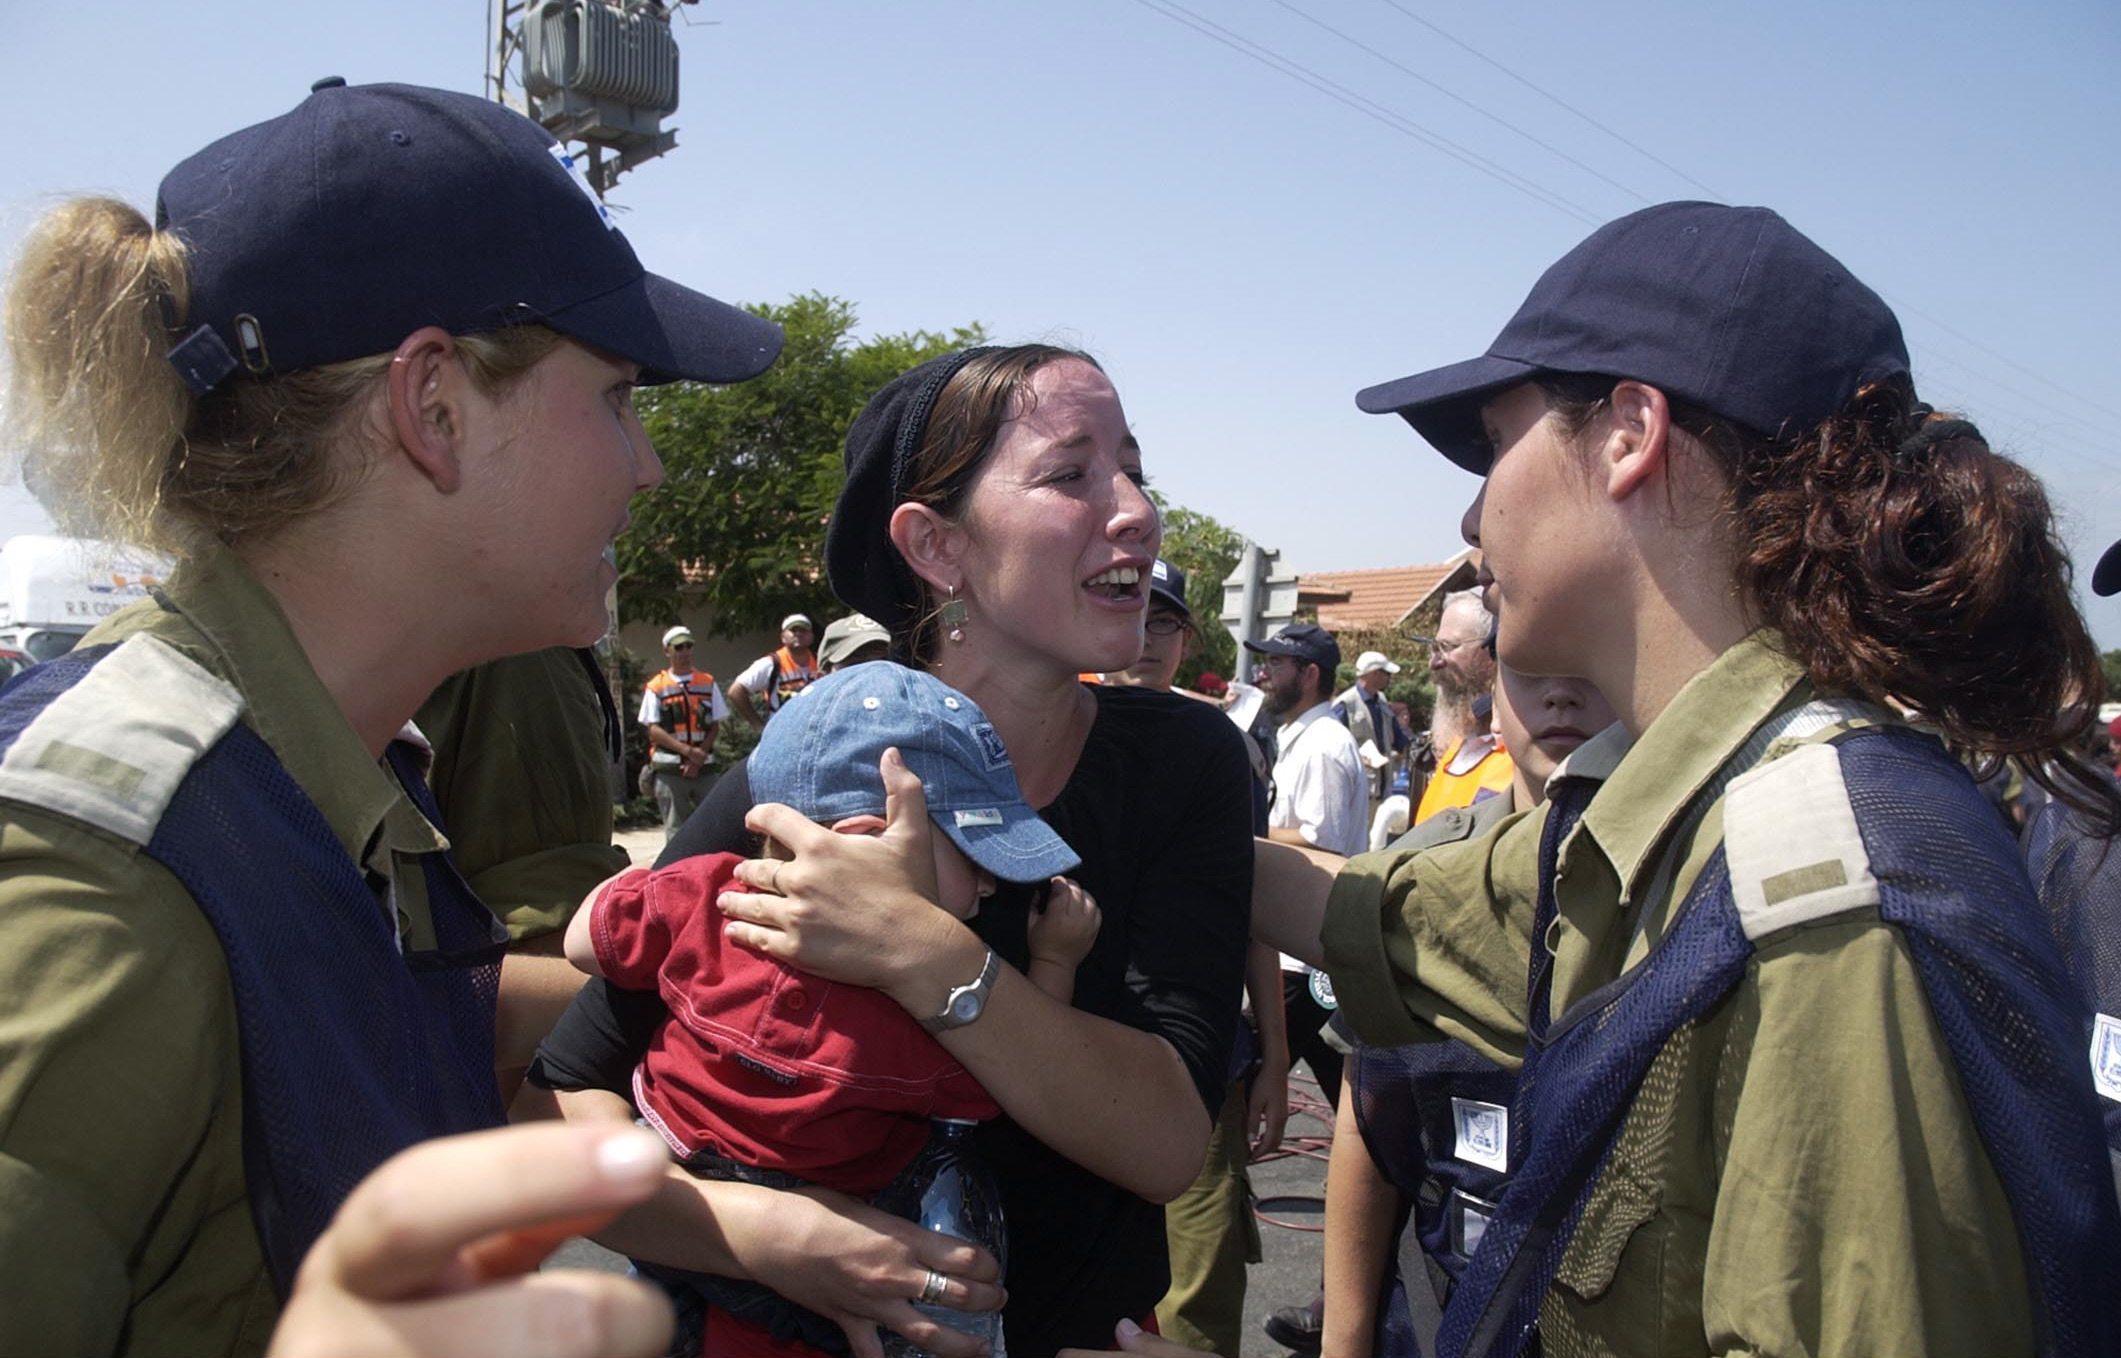 Tusenvis av israelske bosettere måtte forlate sine hjem på Gazastripen. Mange ble fjernet med makt av politiet og militæret.